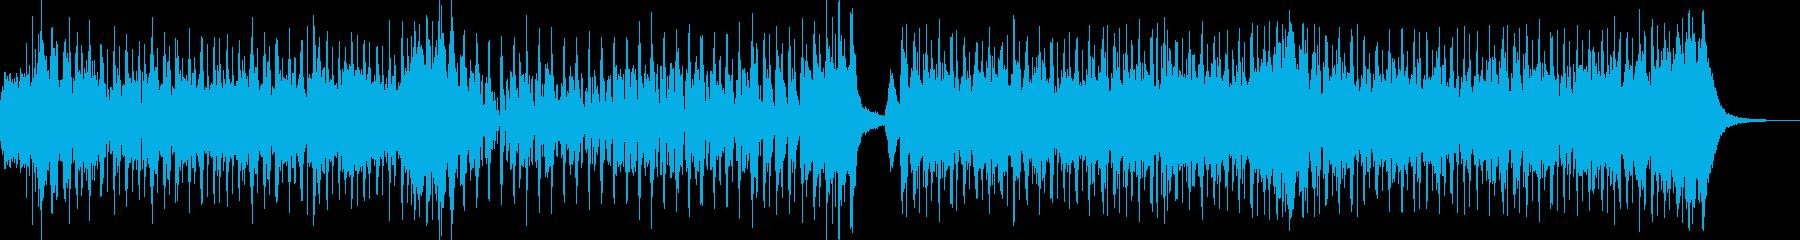 これは、すてきな低音とビデオゲーム...の再生済みの波形